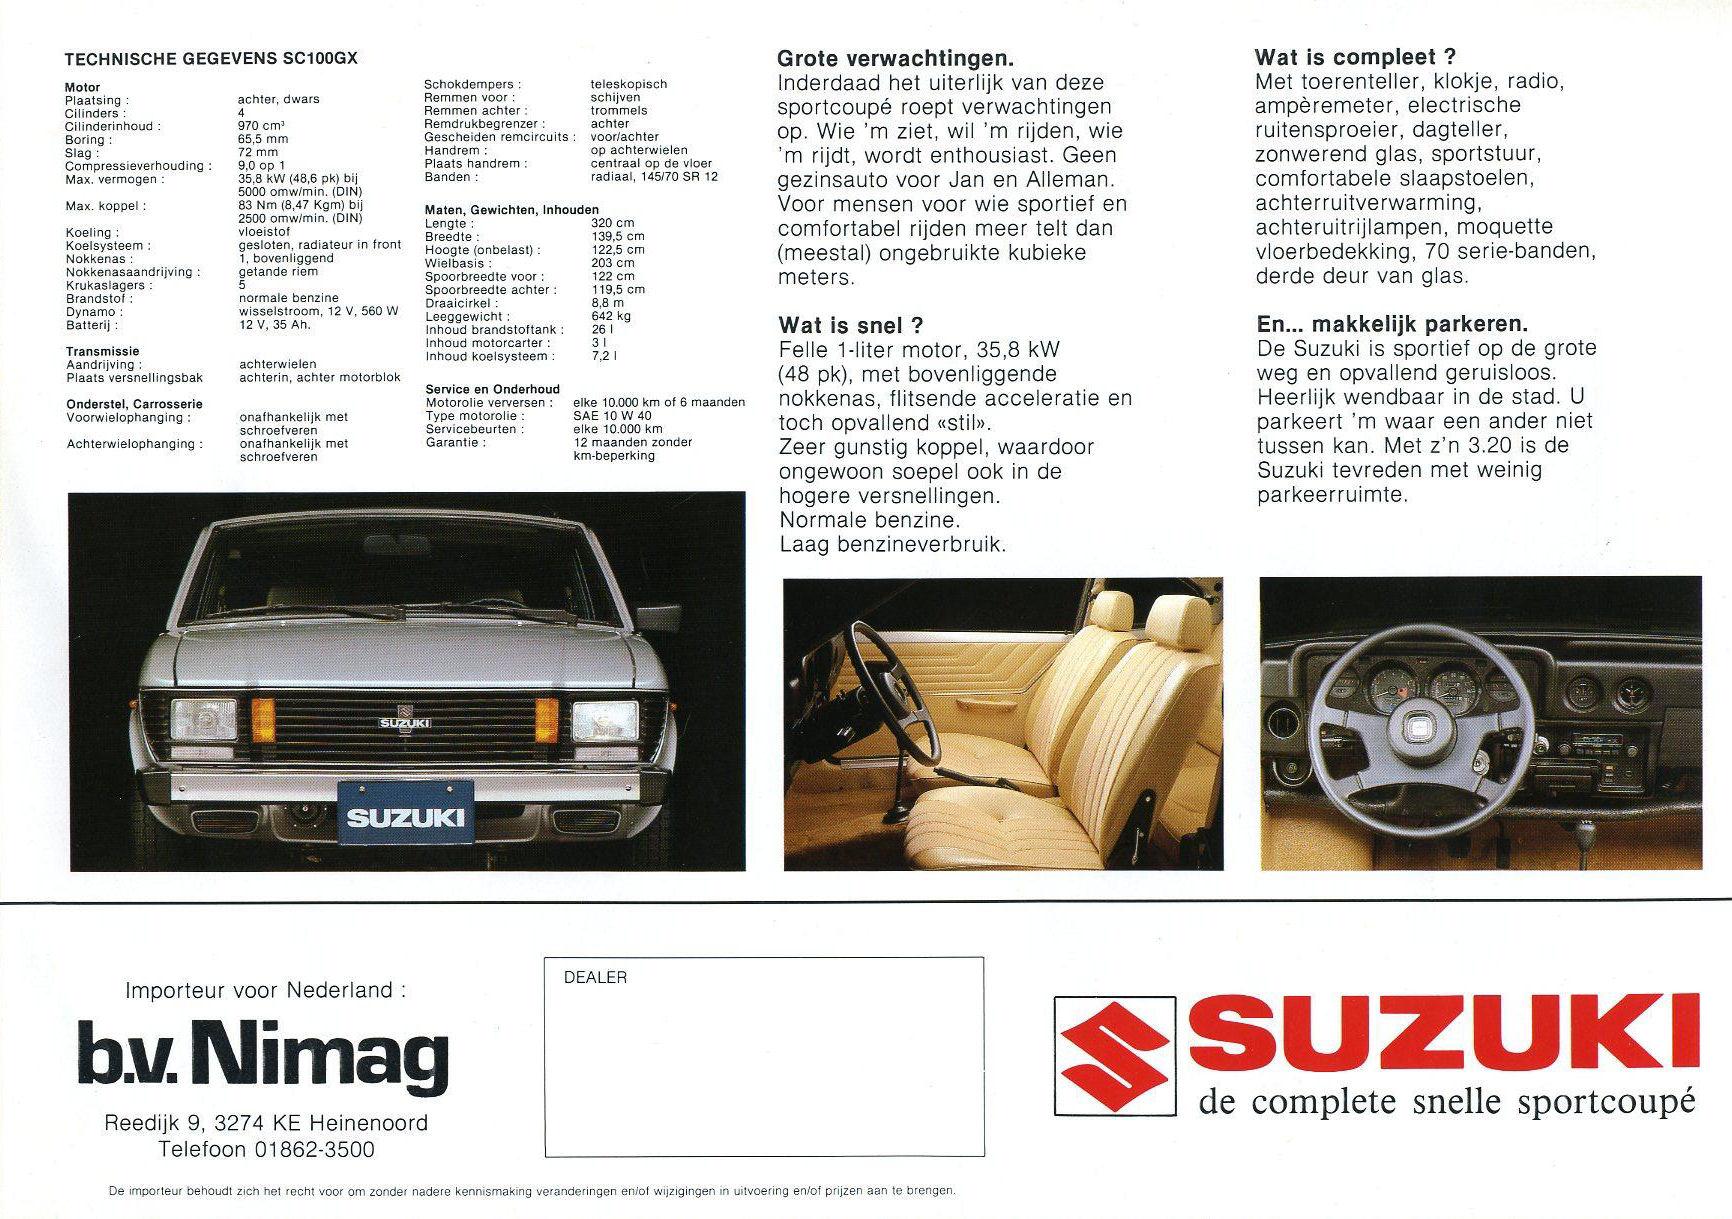 Suzuki Fronte coupé SuzukiSC100GX531